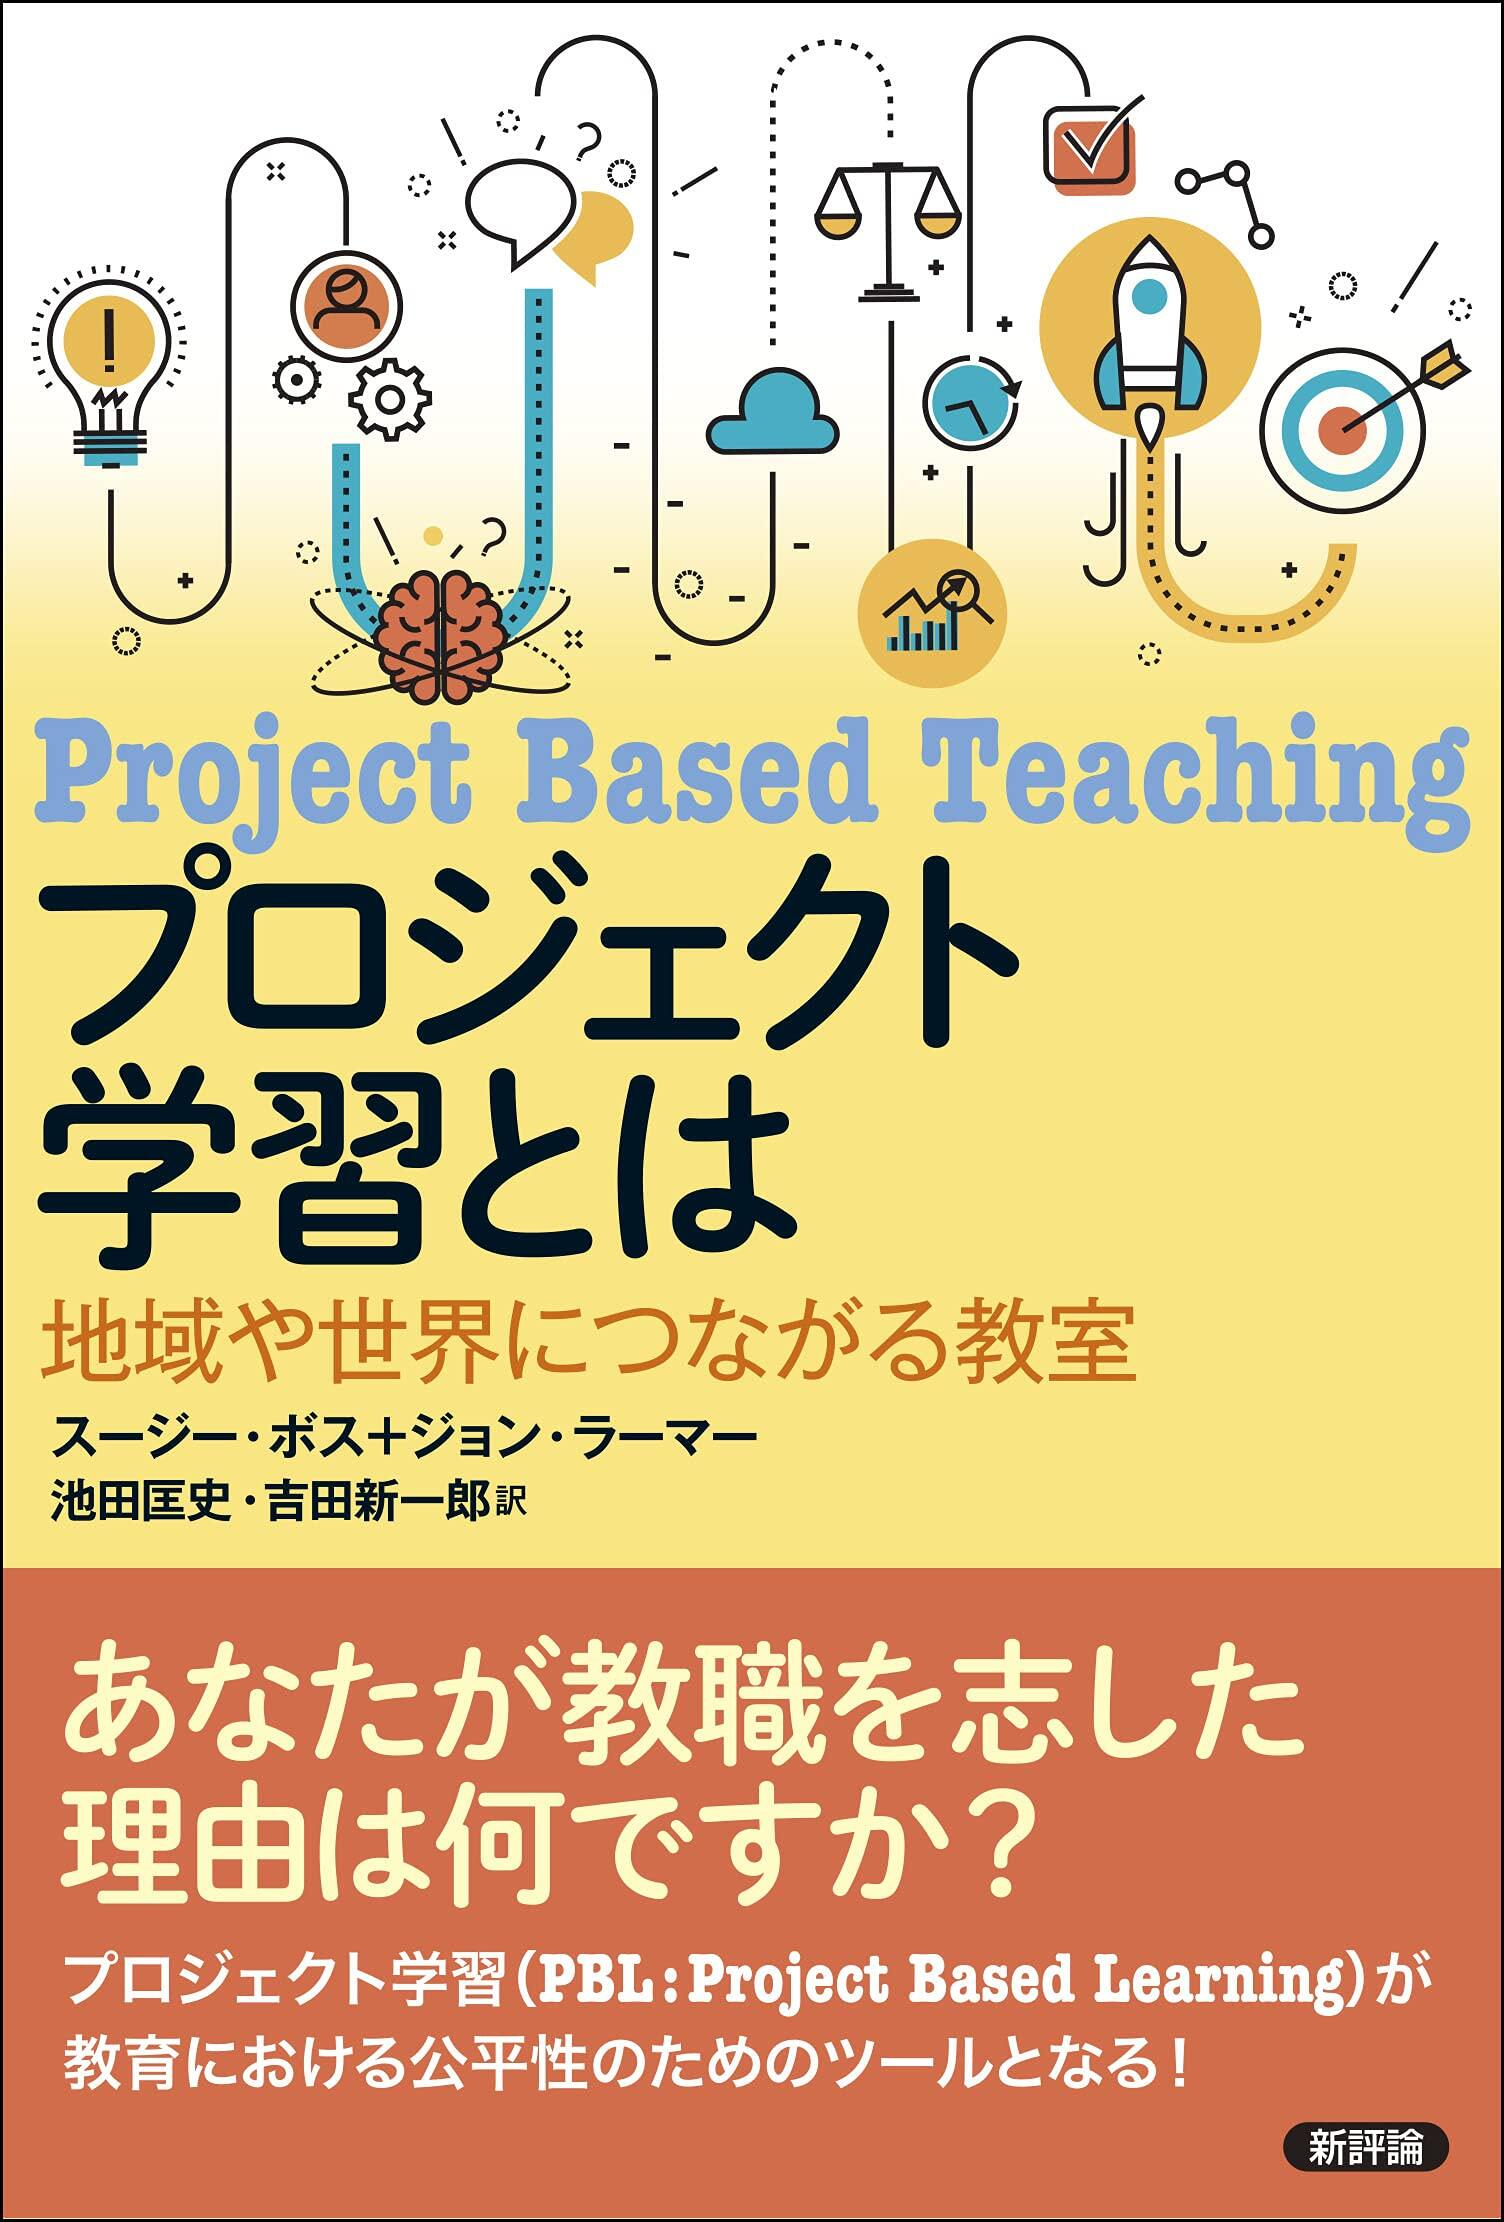 プロジェクト学習とは.jpg